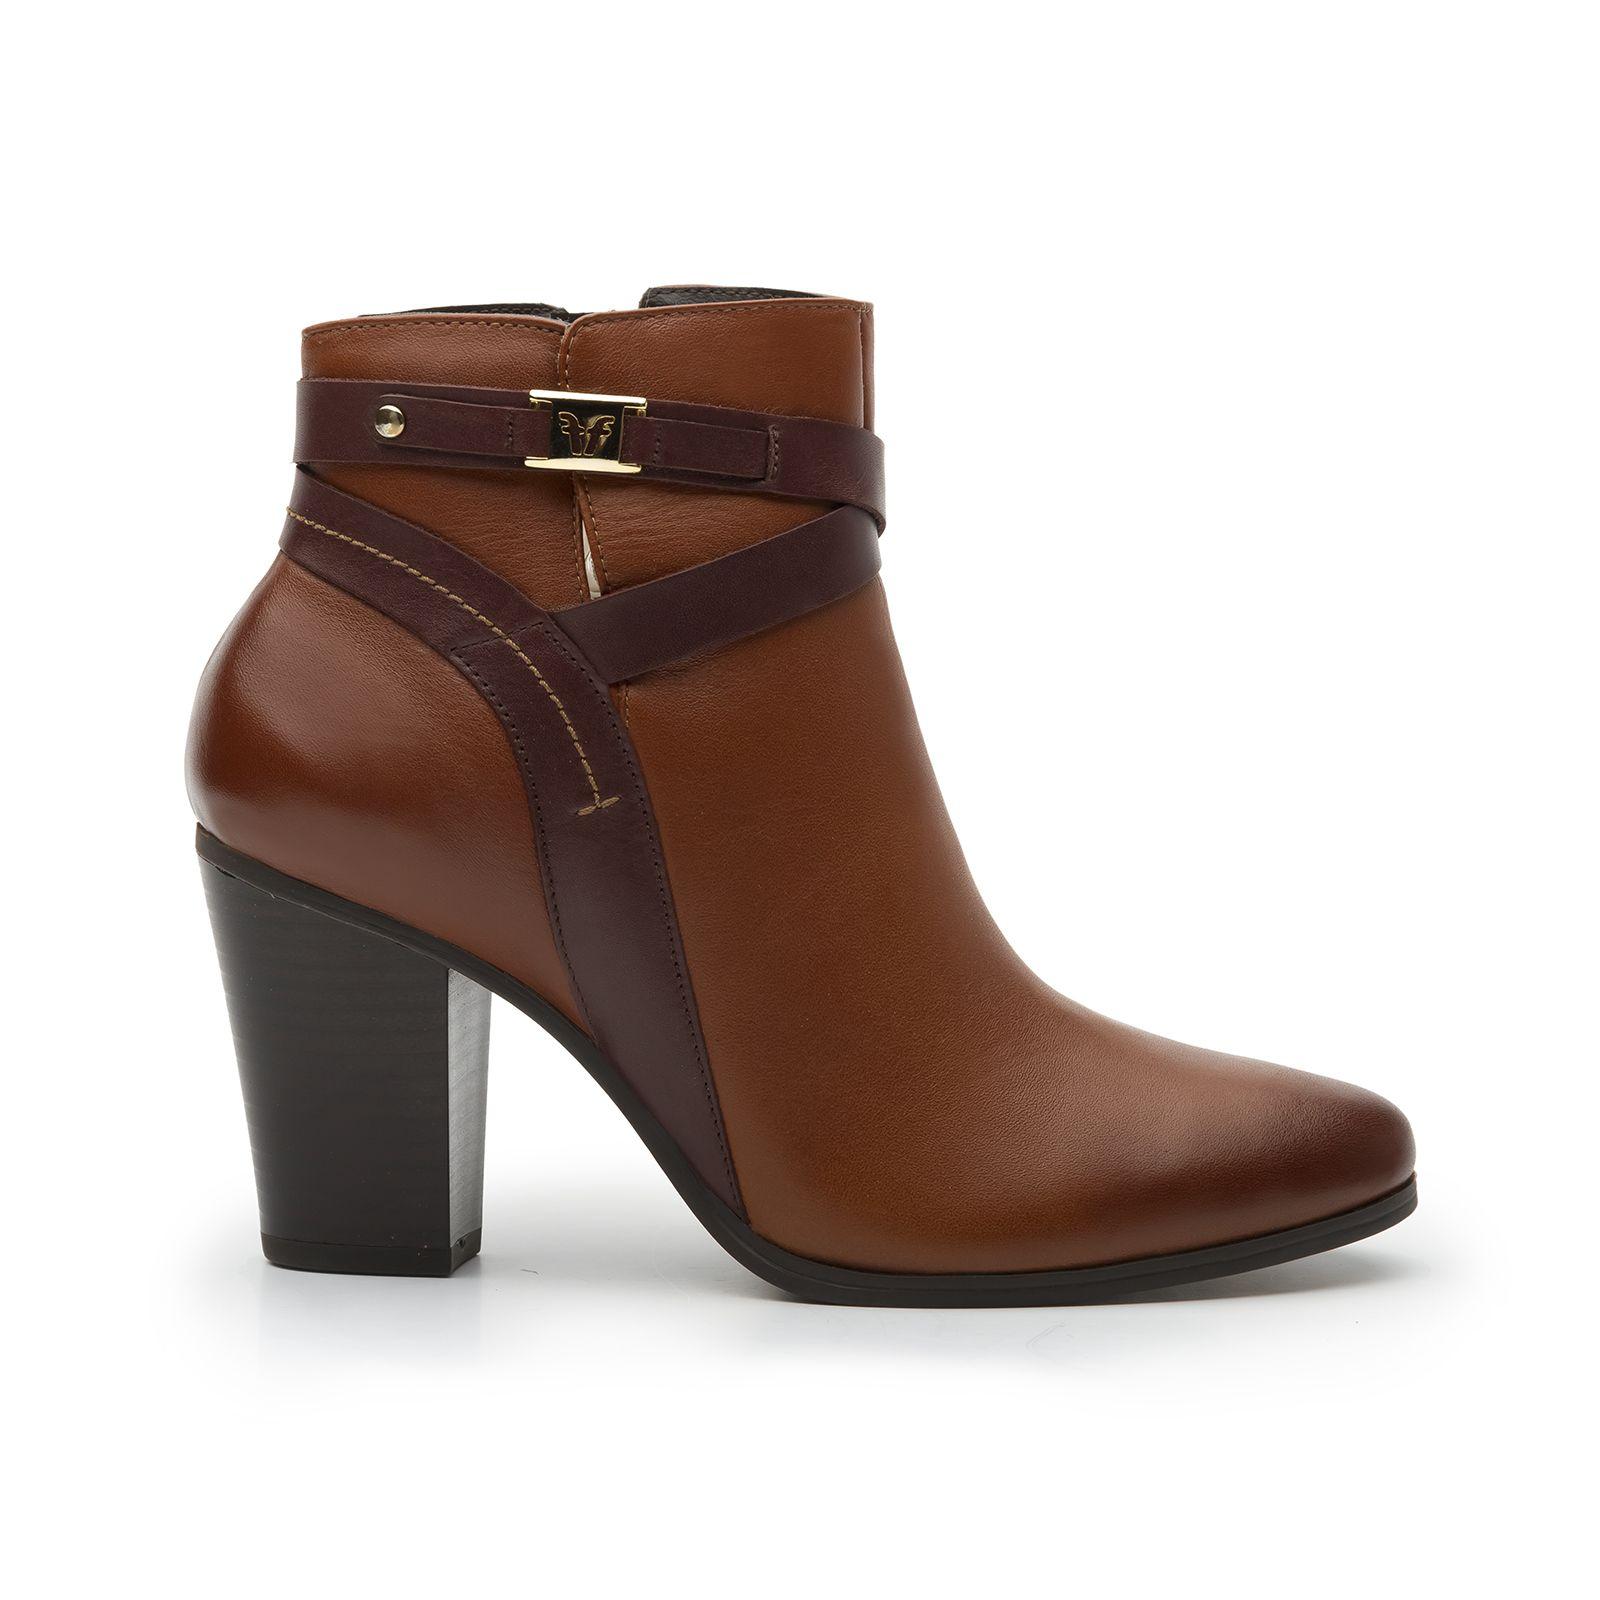 366dac3be4 Botas para Dama Flexi al mejor precio - Zapatos Flexi México